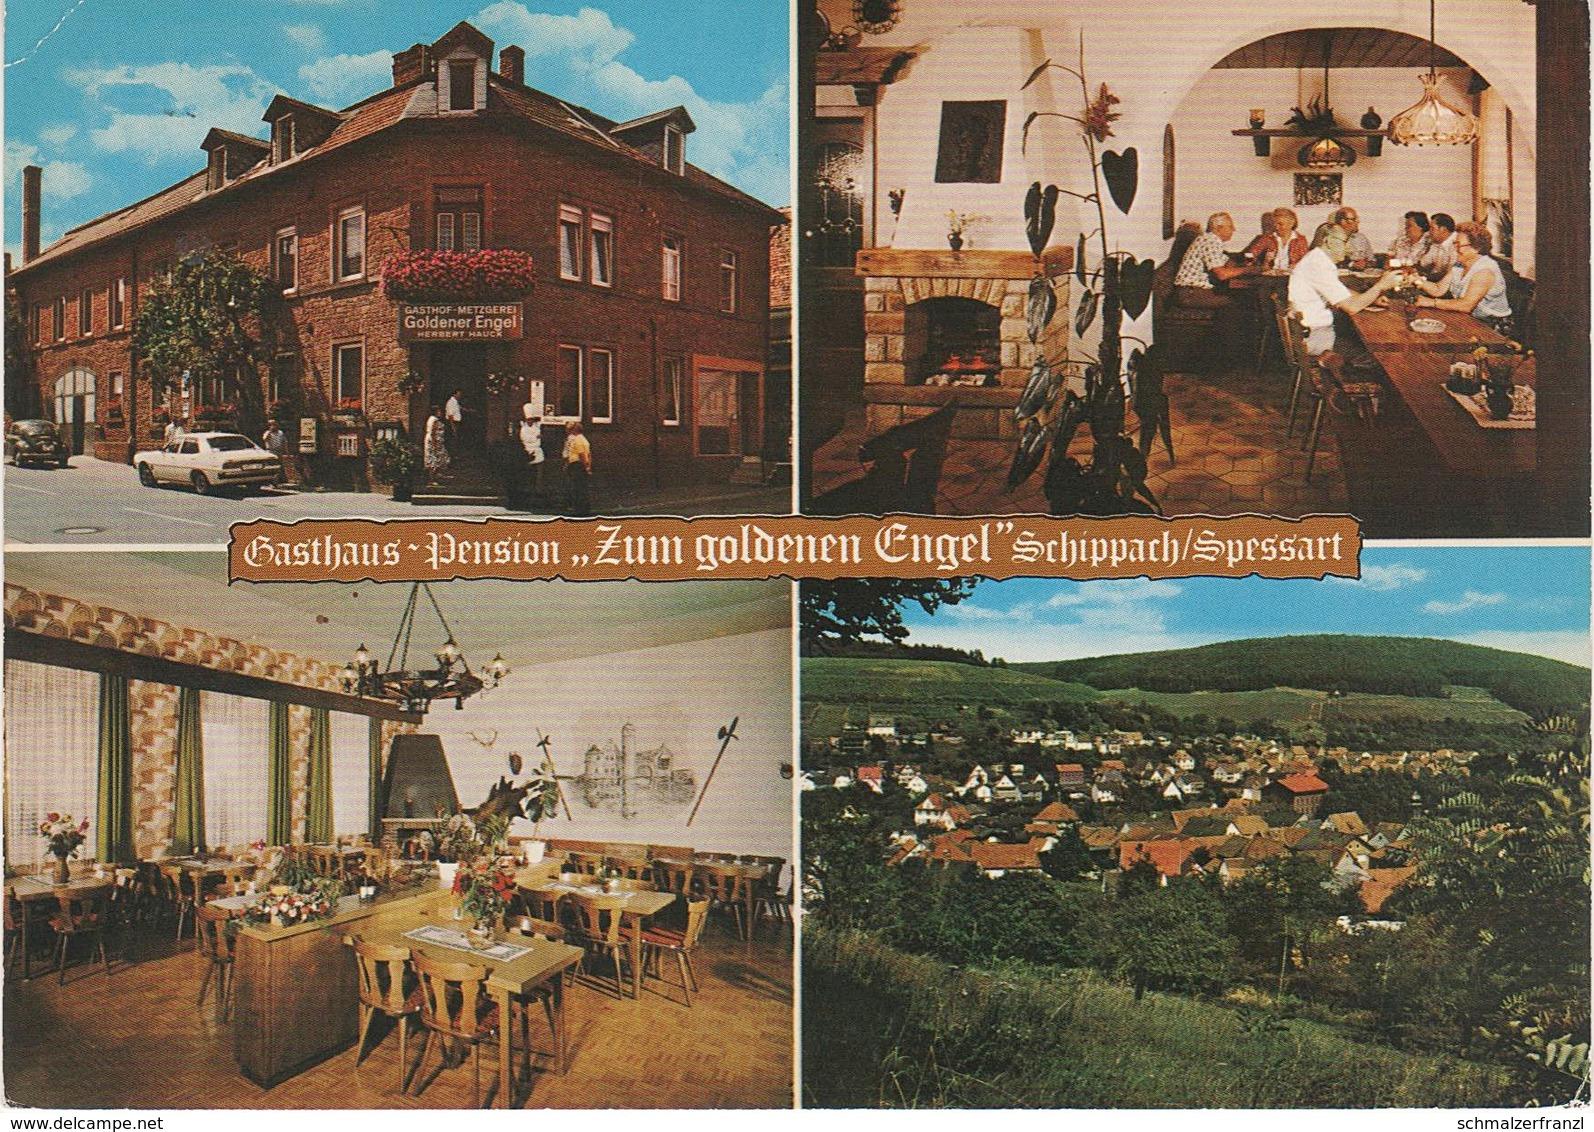 AK Schippach Spessart Gasthof Pension Zum Goldenen Engel A Amorbach Wenschdorf Heppdiel Elsenfeld Miltenberg Main - Miltenberg A. Main